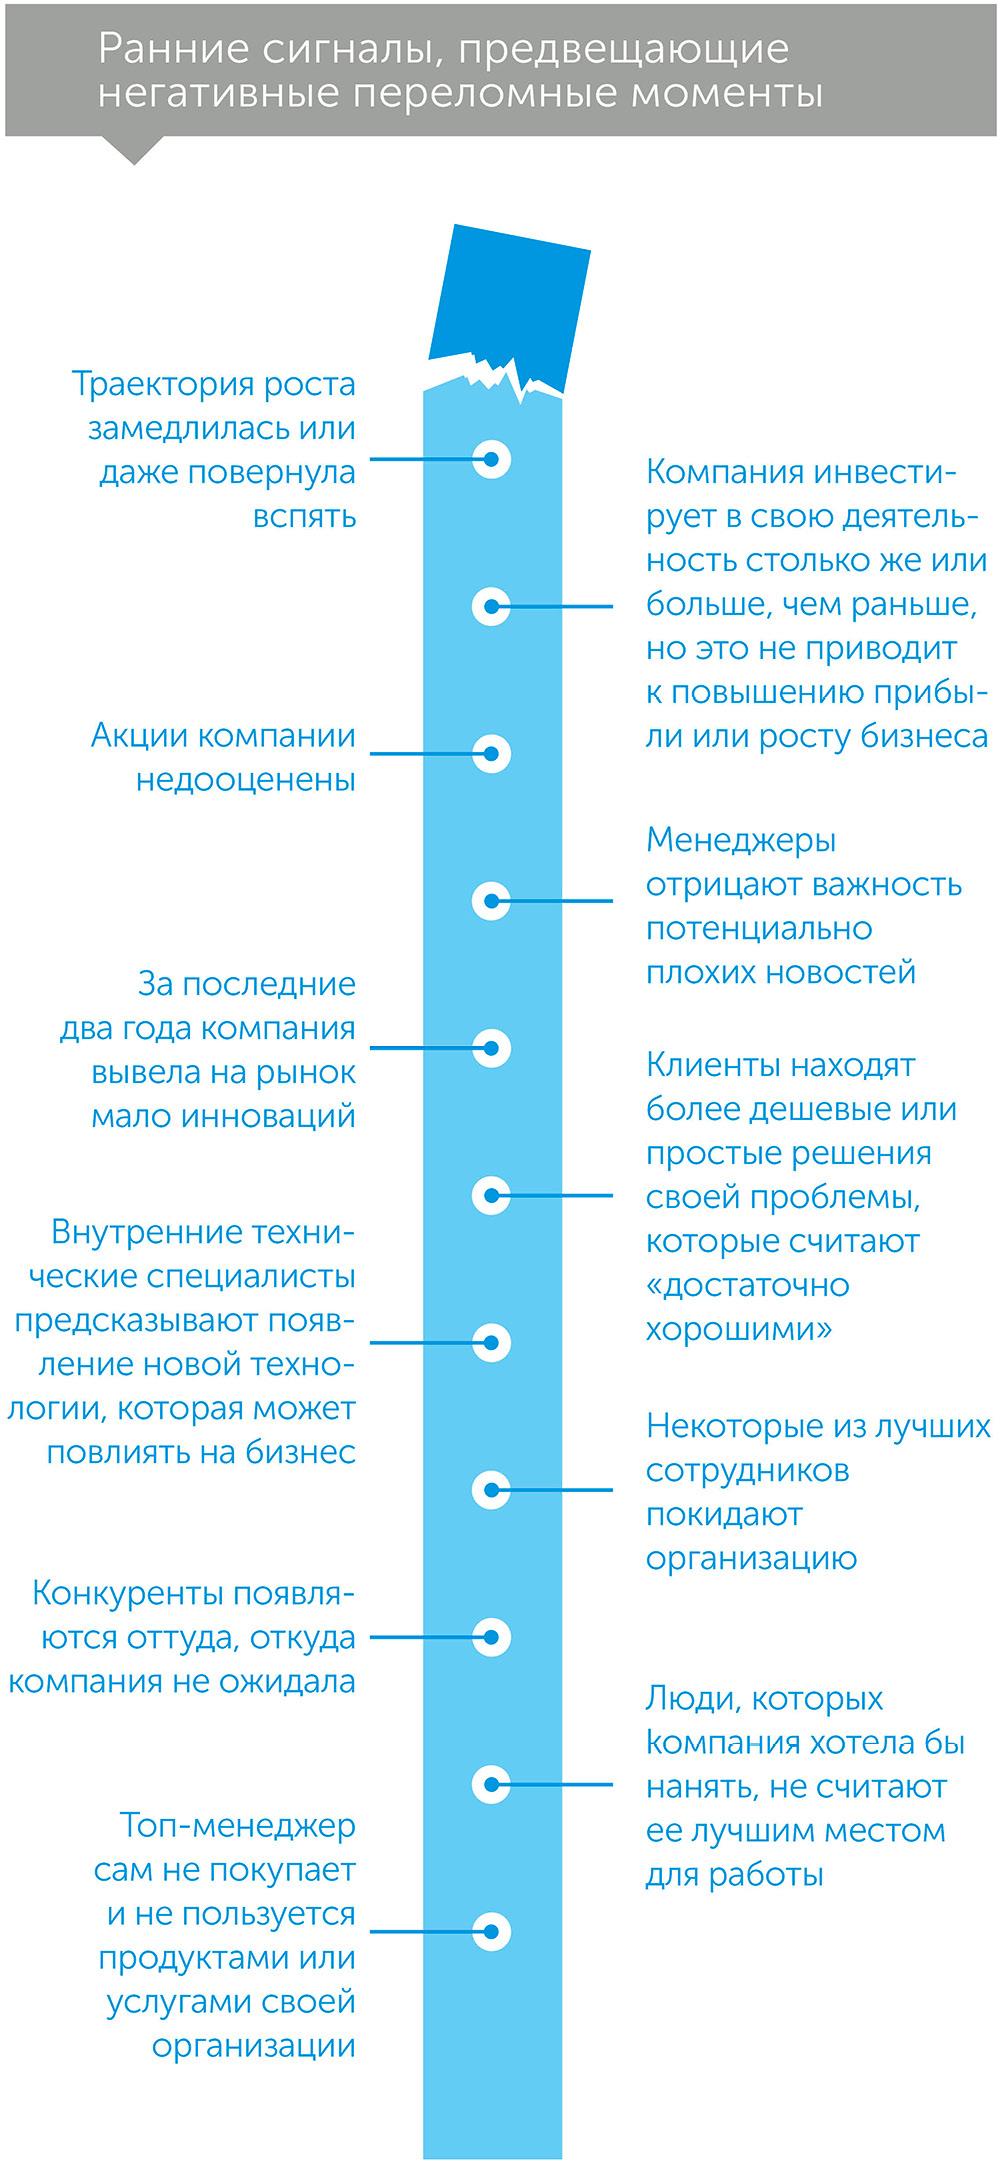 Заглянуть за угол: как распознать переломный момент до того, как он произойдет, автор Рита МакГрат | Kyivstar Business Hub, изображение №3